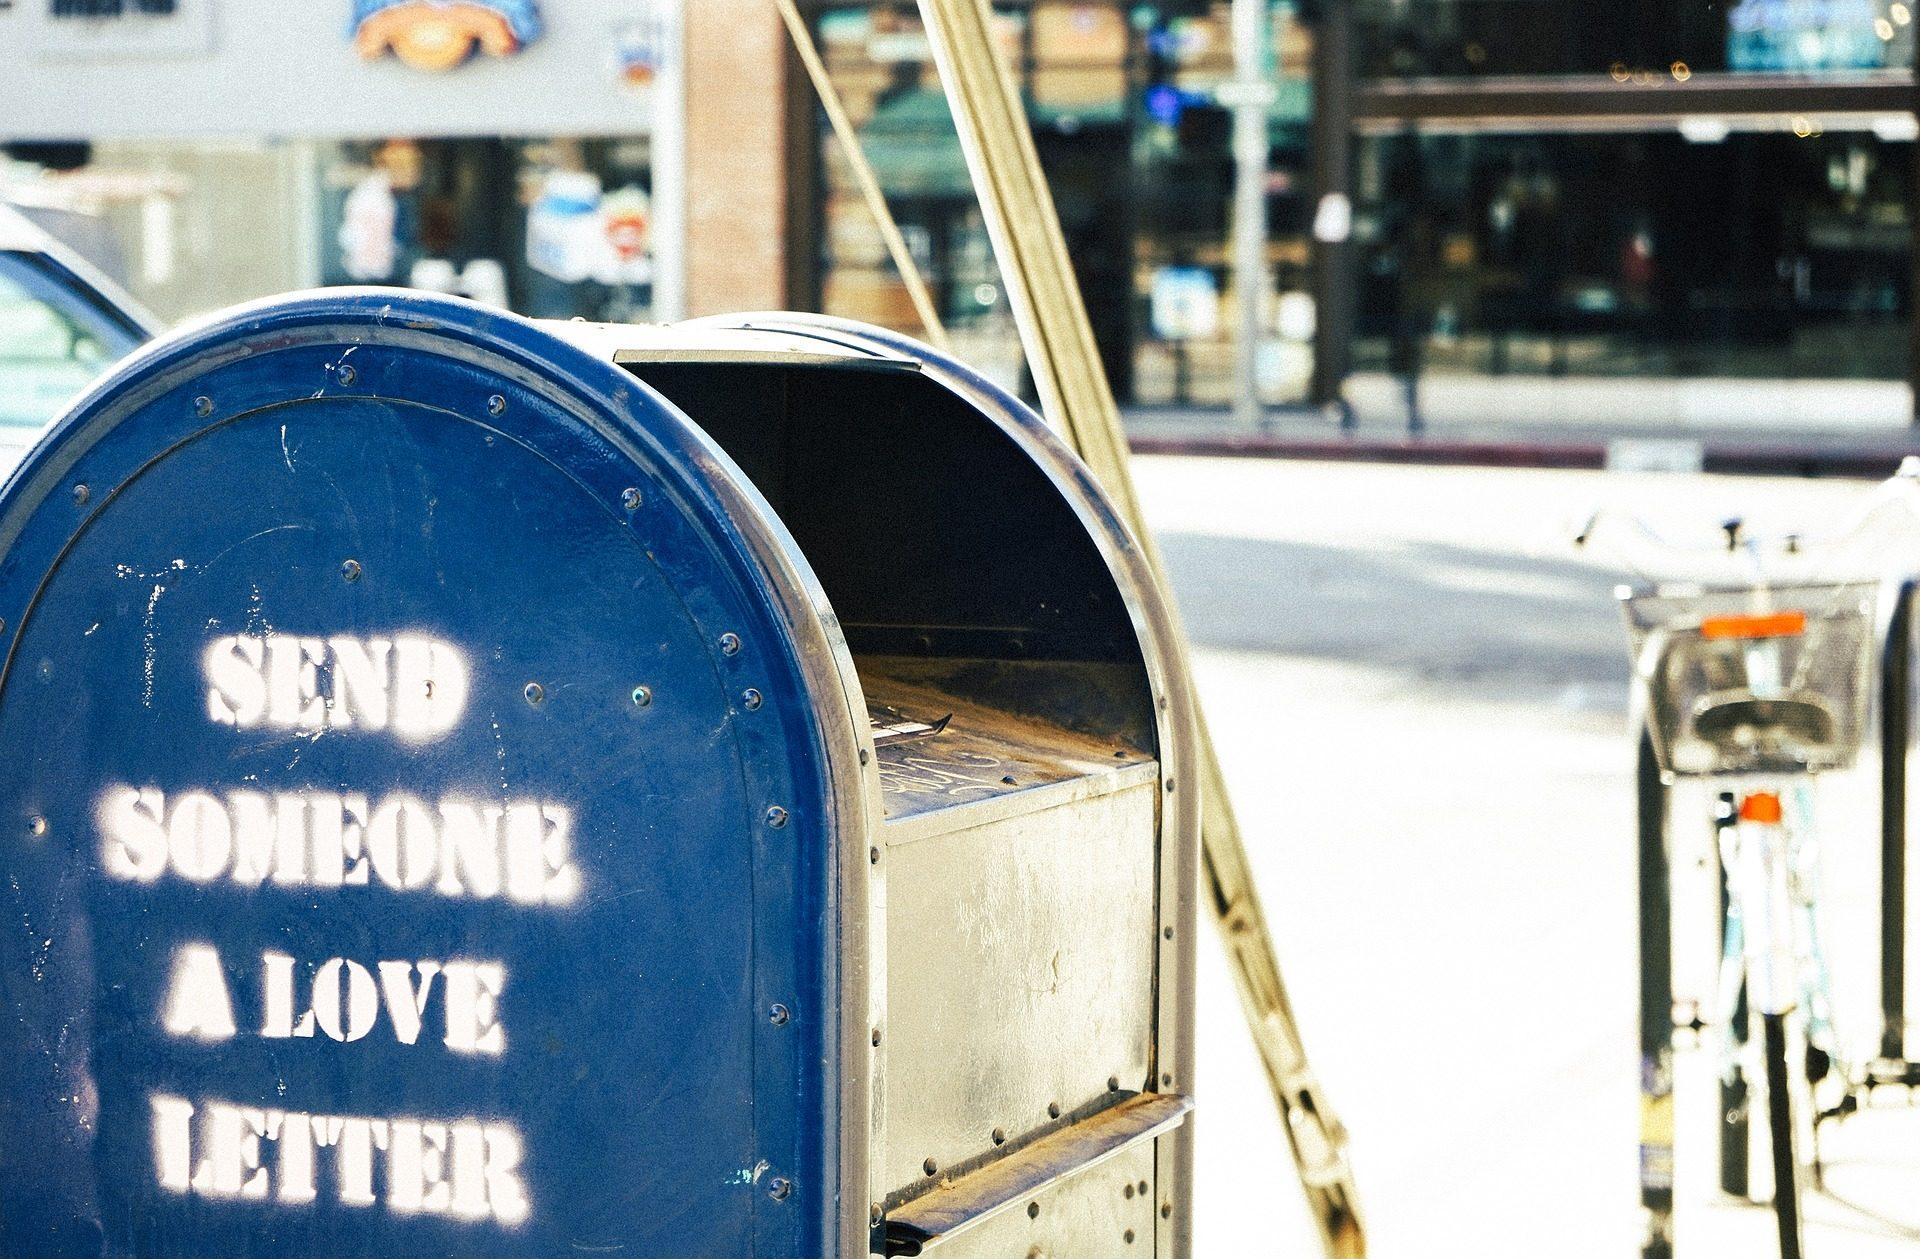 मेलबॉक्स, संदेश, पत्र, मेल, डाक, शहर - HD वॉलपेपर - प्रोफेसर-falken.com